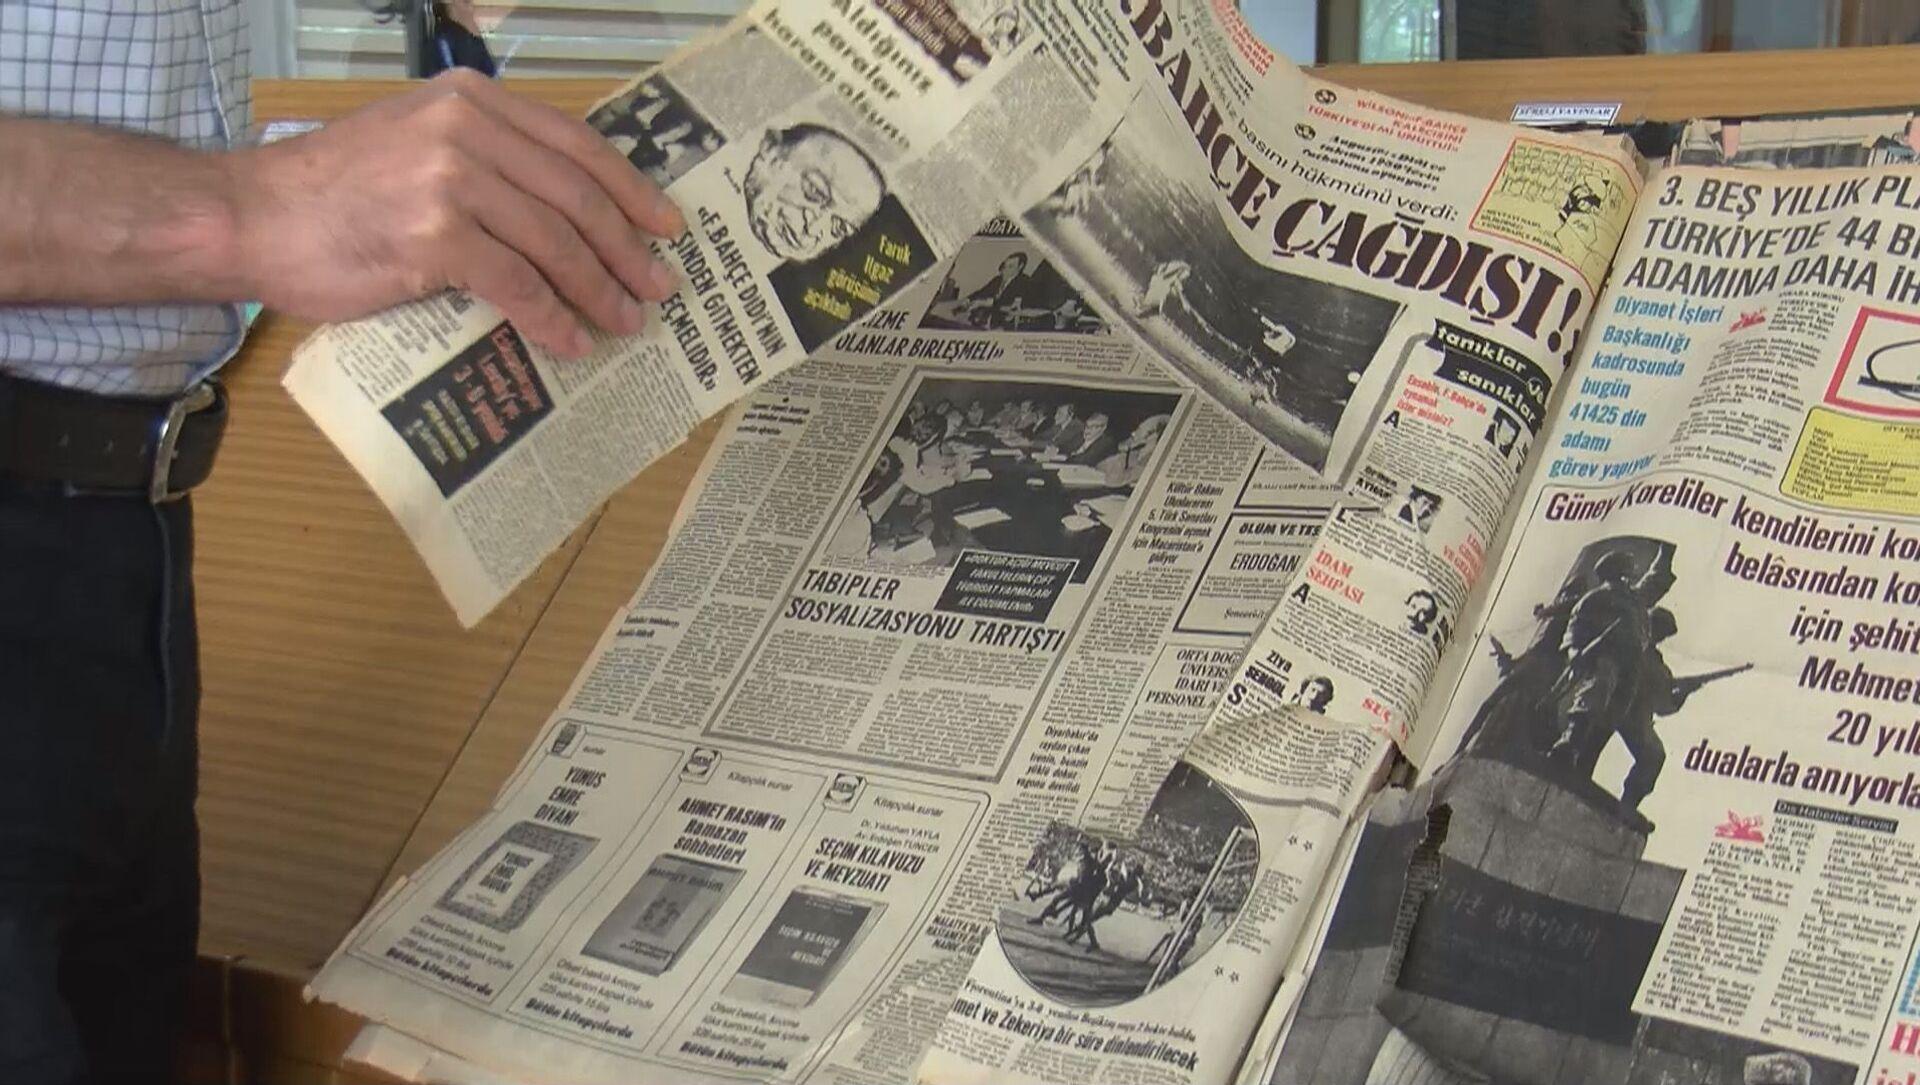 Atatürk Kitaplığı'ndaki 190 yıllık gazetelere jiletle zarar  - Sputnik Türkiye, 1920, 27.06.2021